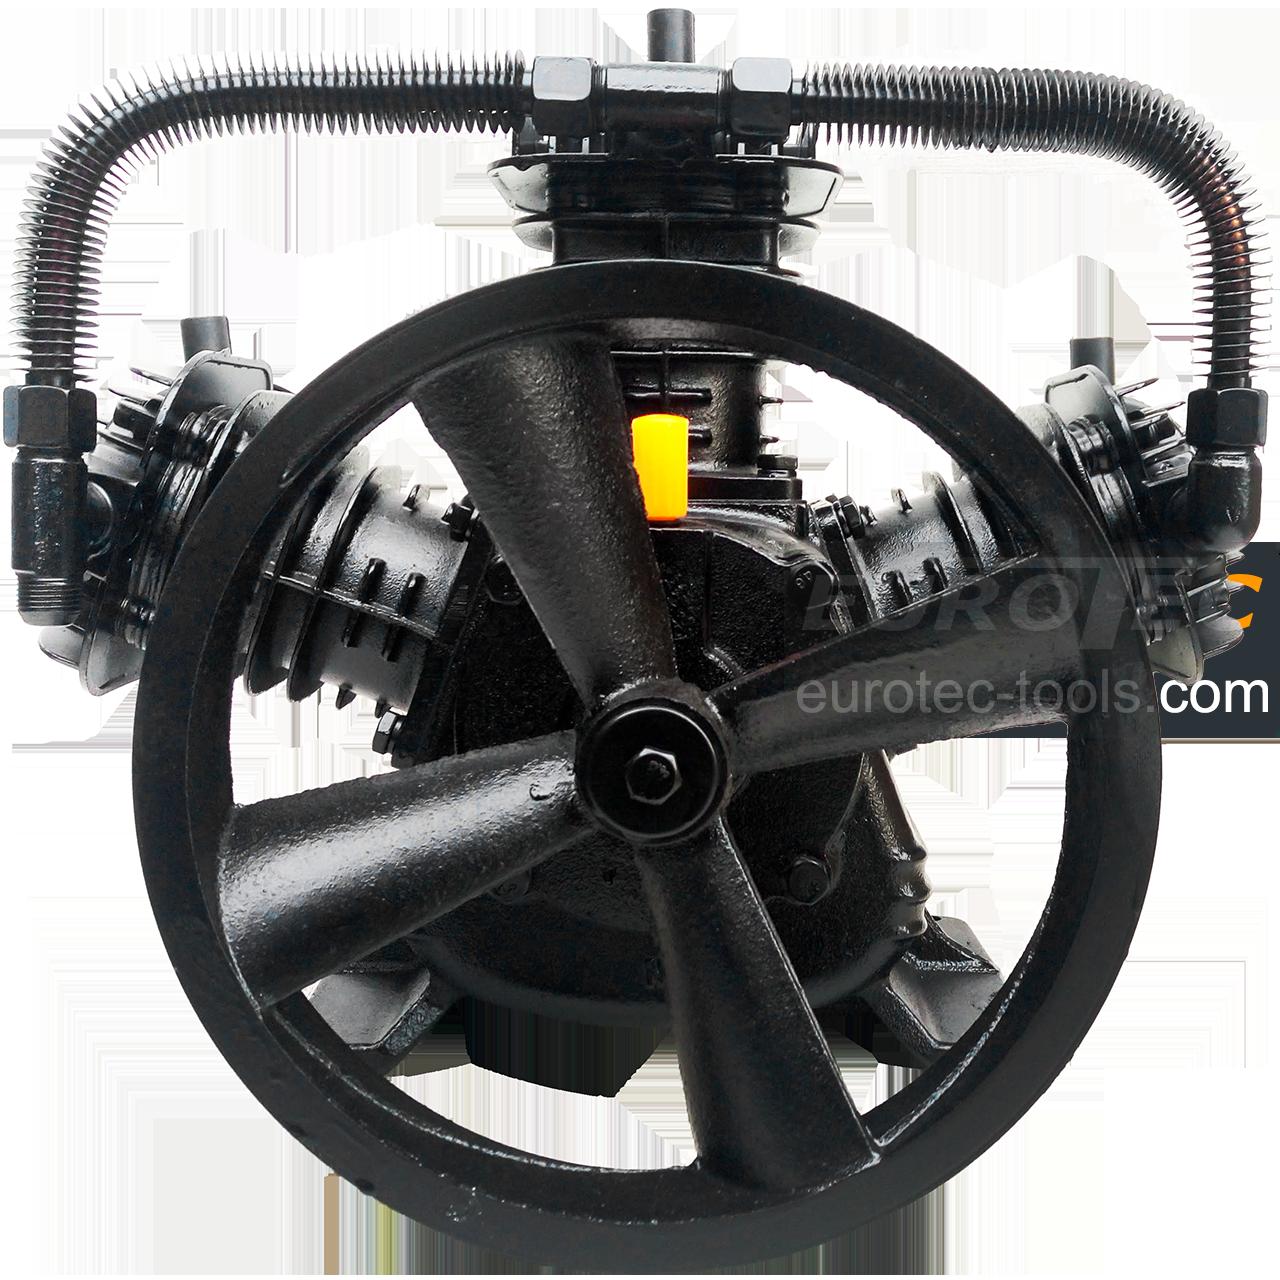 Компрессионный блок 640 л/мин трехцилиндровый 3065, 3-х цилиндровая компрессорная головка